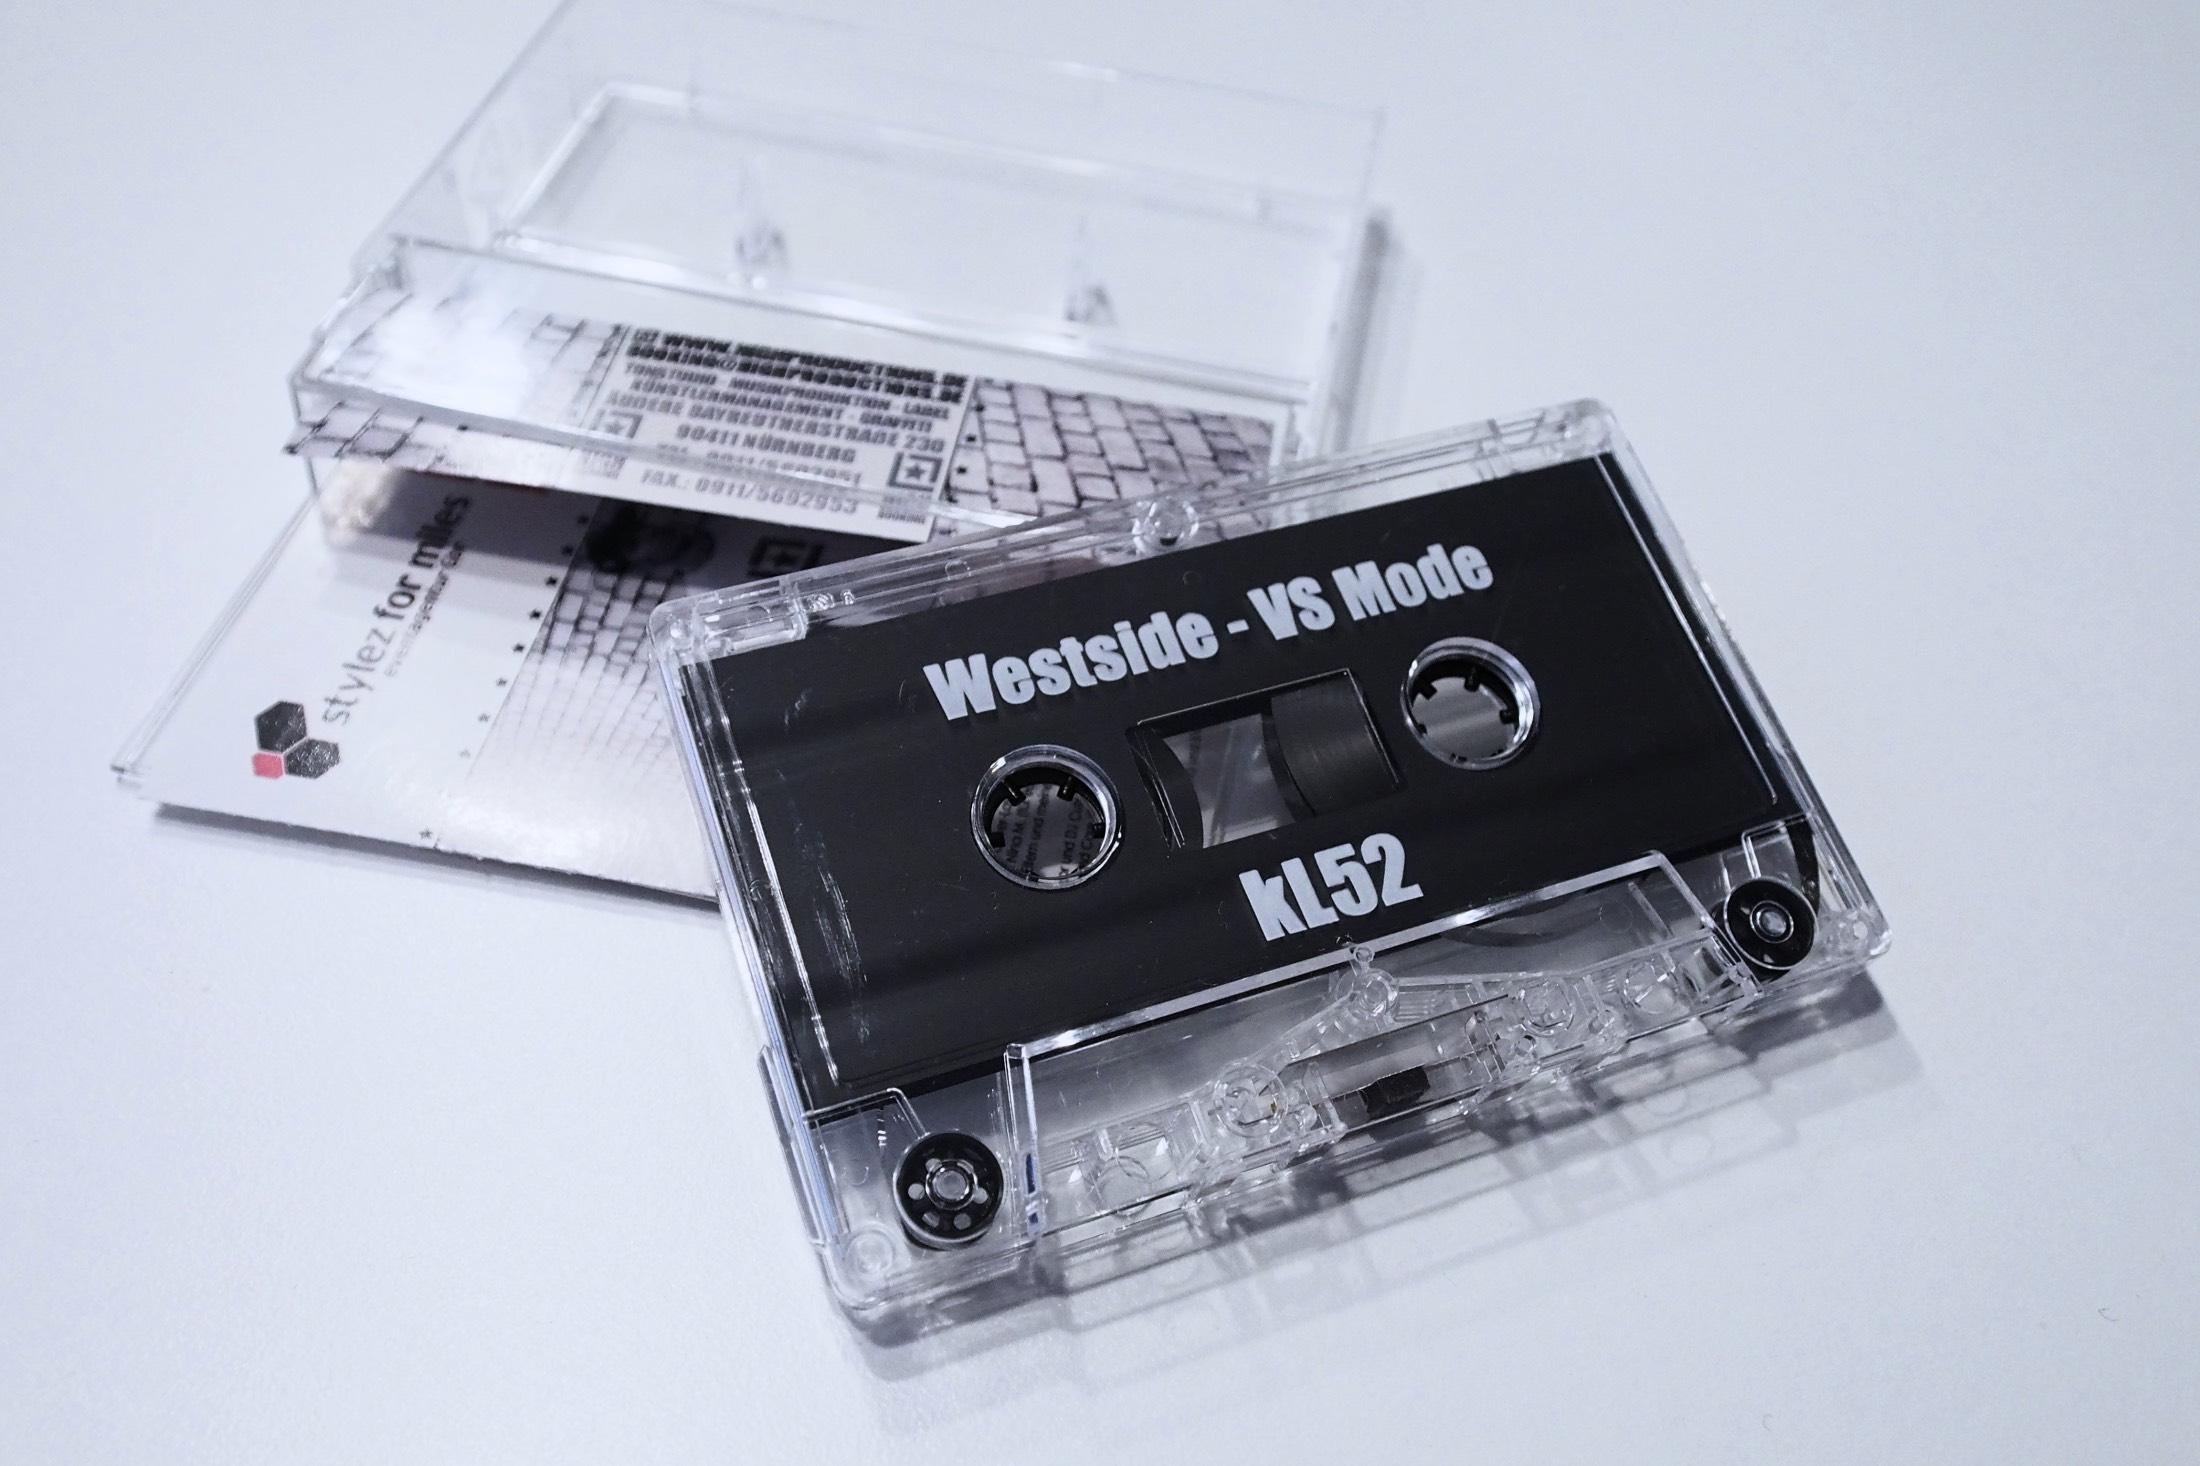 kL52 vs. Mode - Mixtape